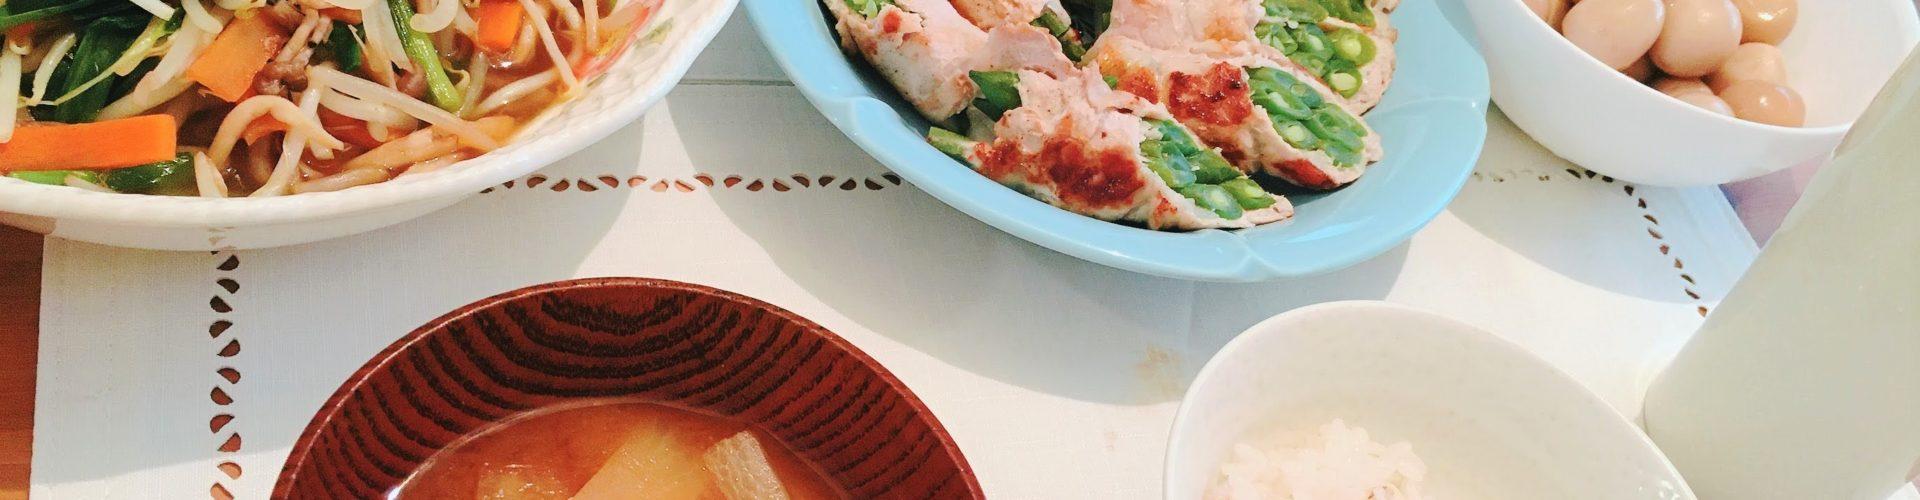 料理「いんげんの豚バラ巻き&野菜炒め&味付うずら卵」